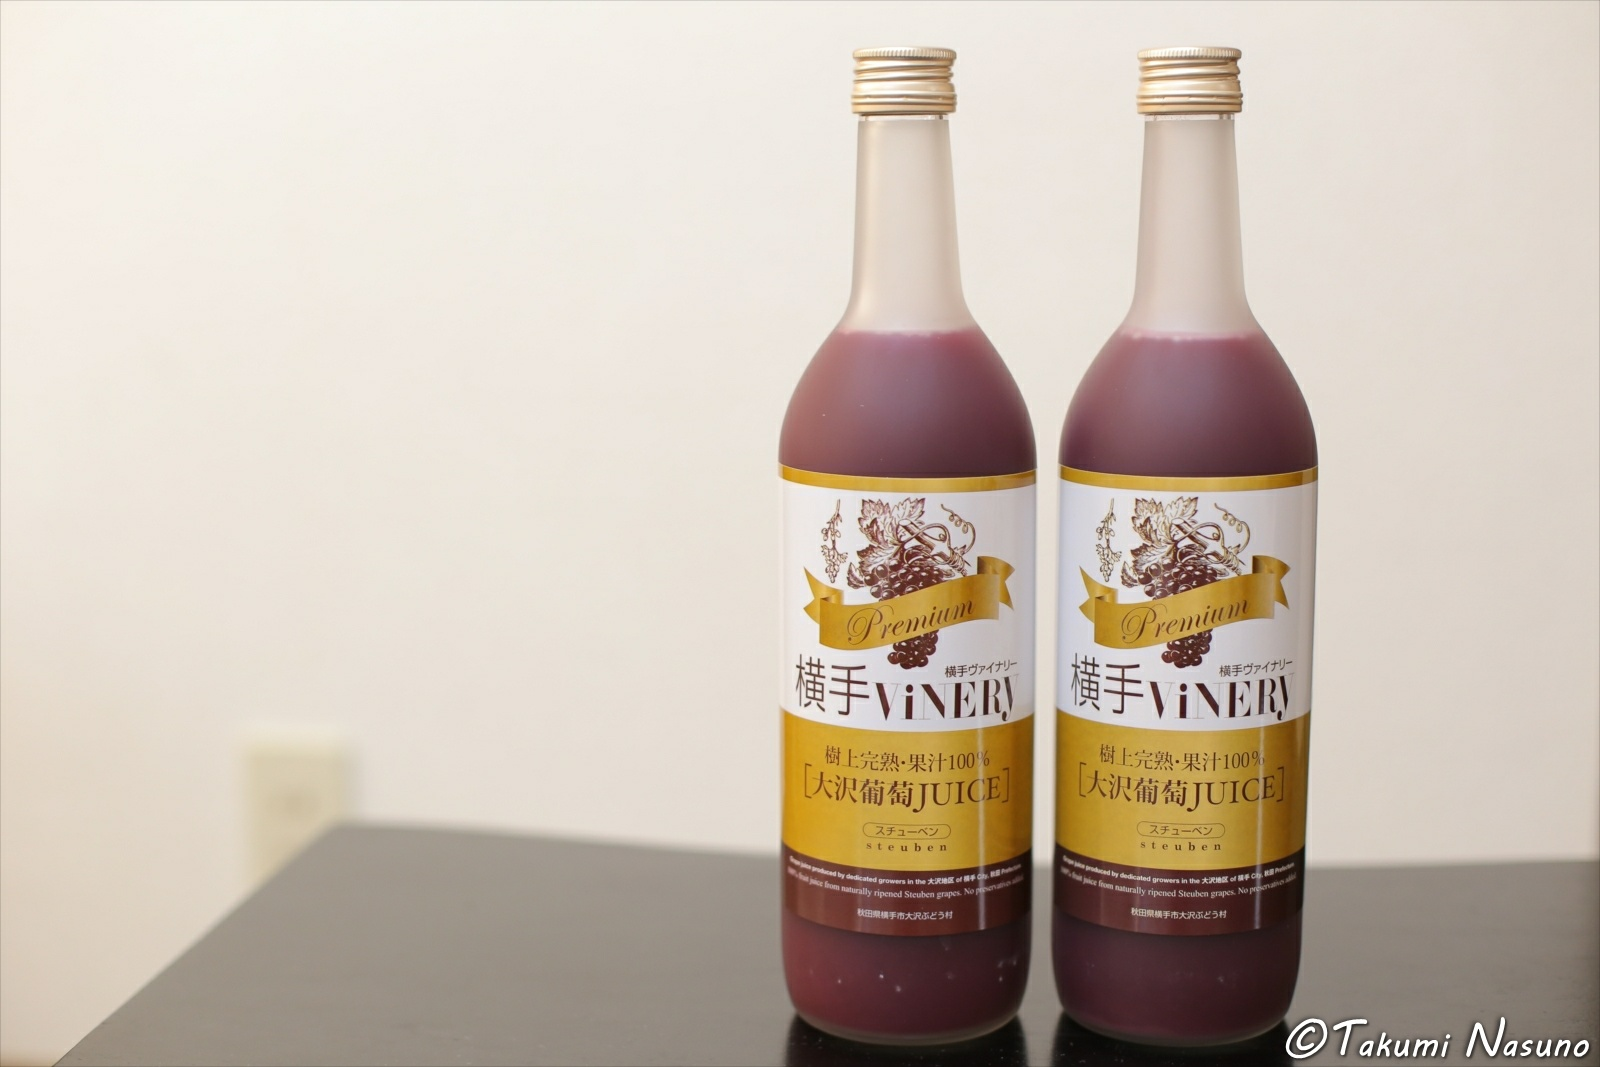 Osawa Grape Premium Juice From Yokote ViNERY